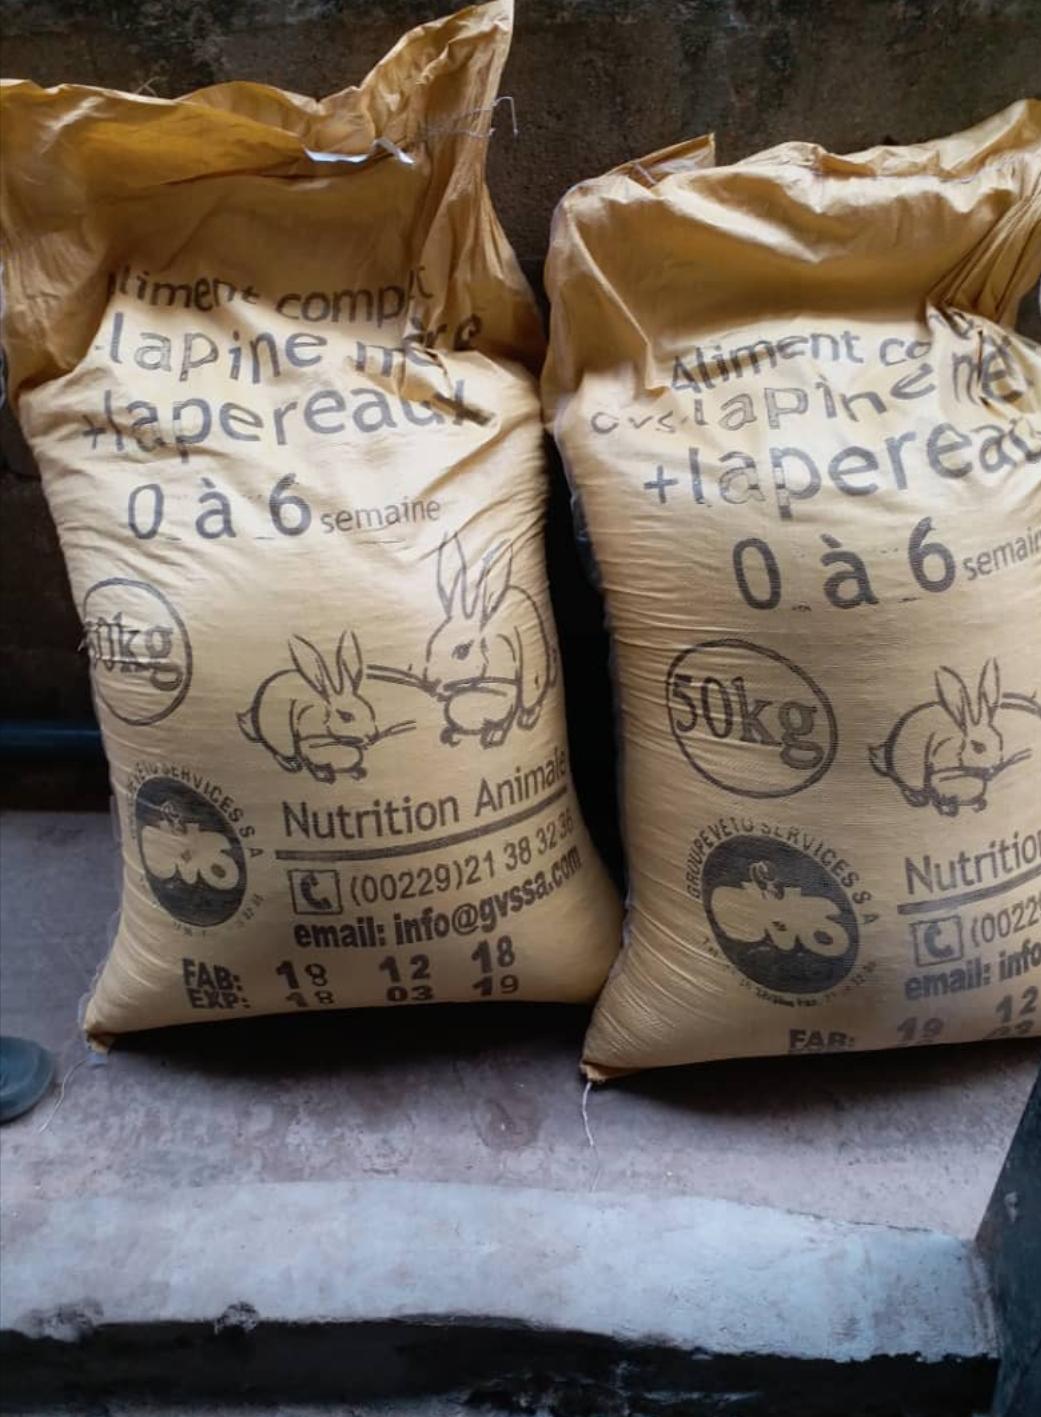 Grasscutter /Rabbit feed